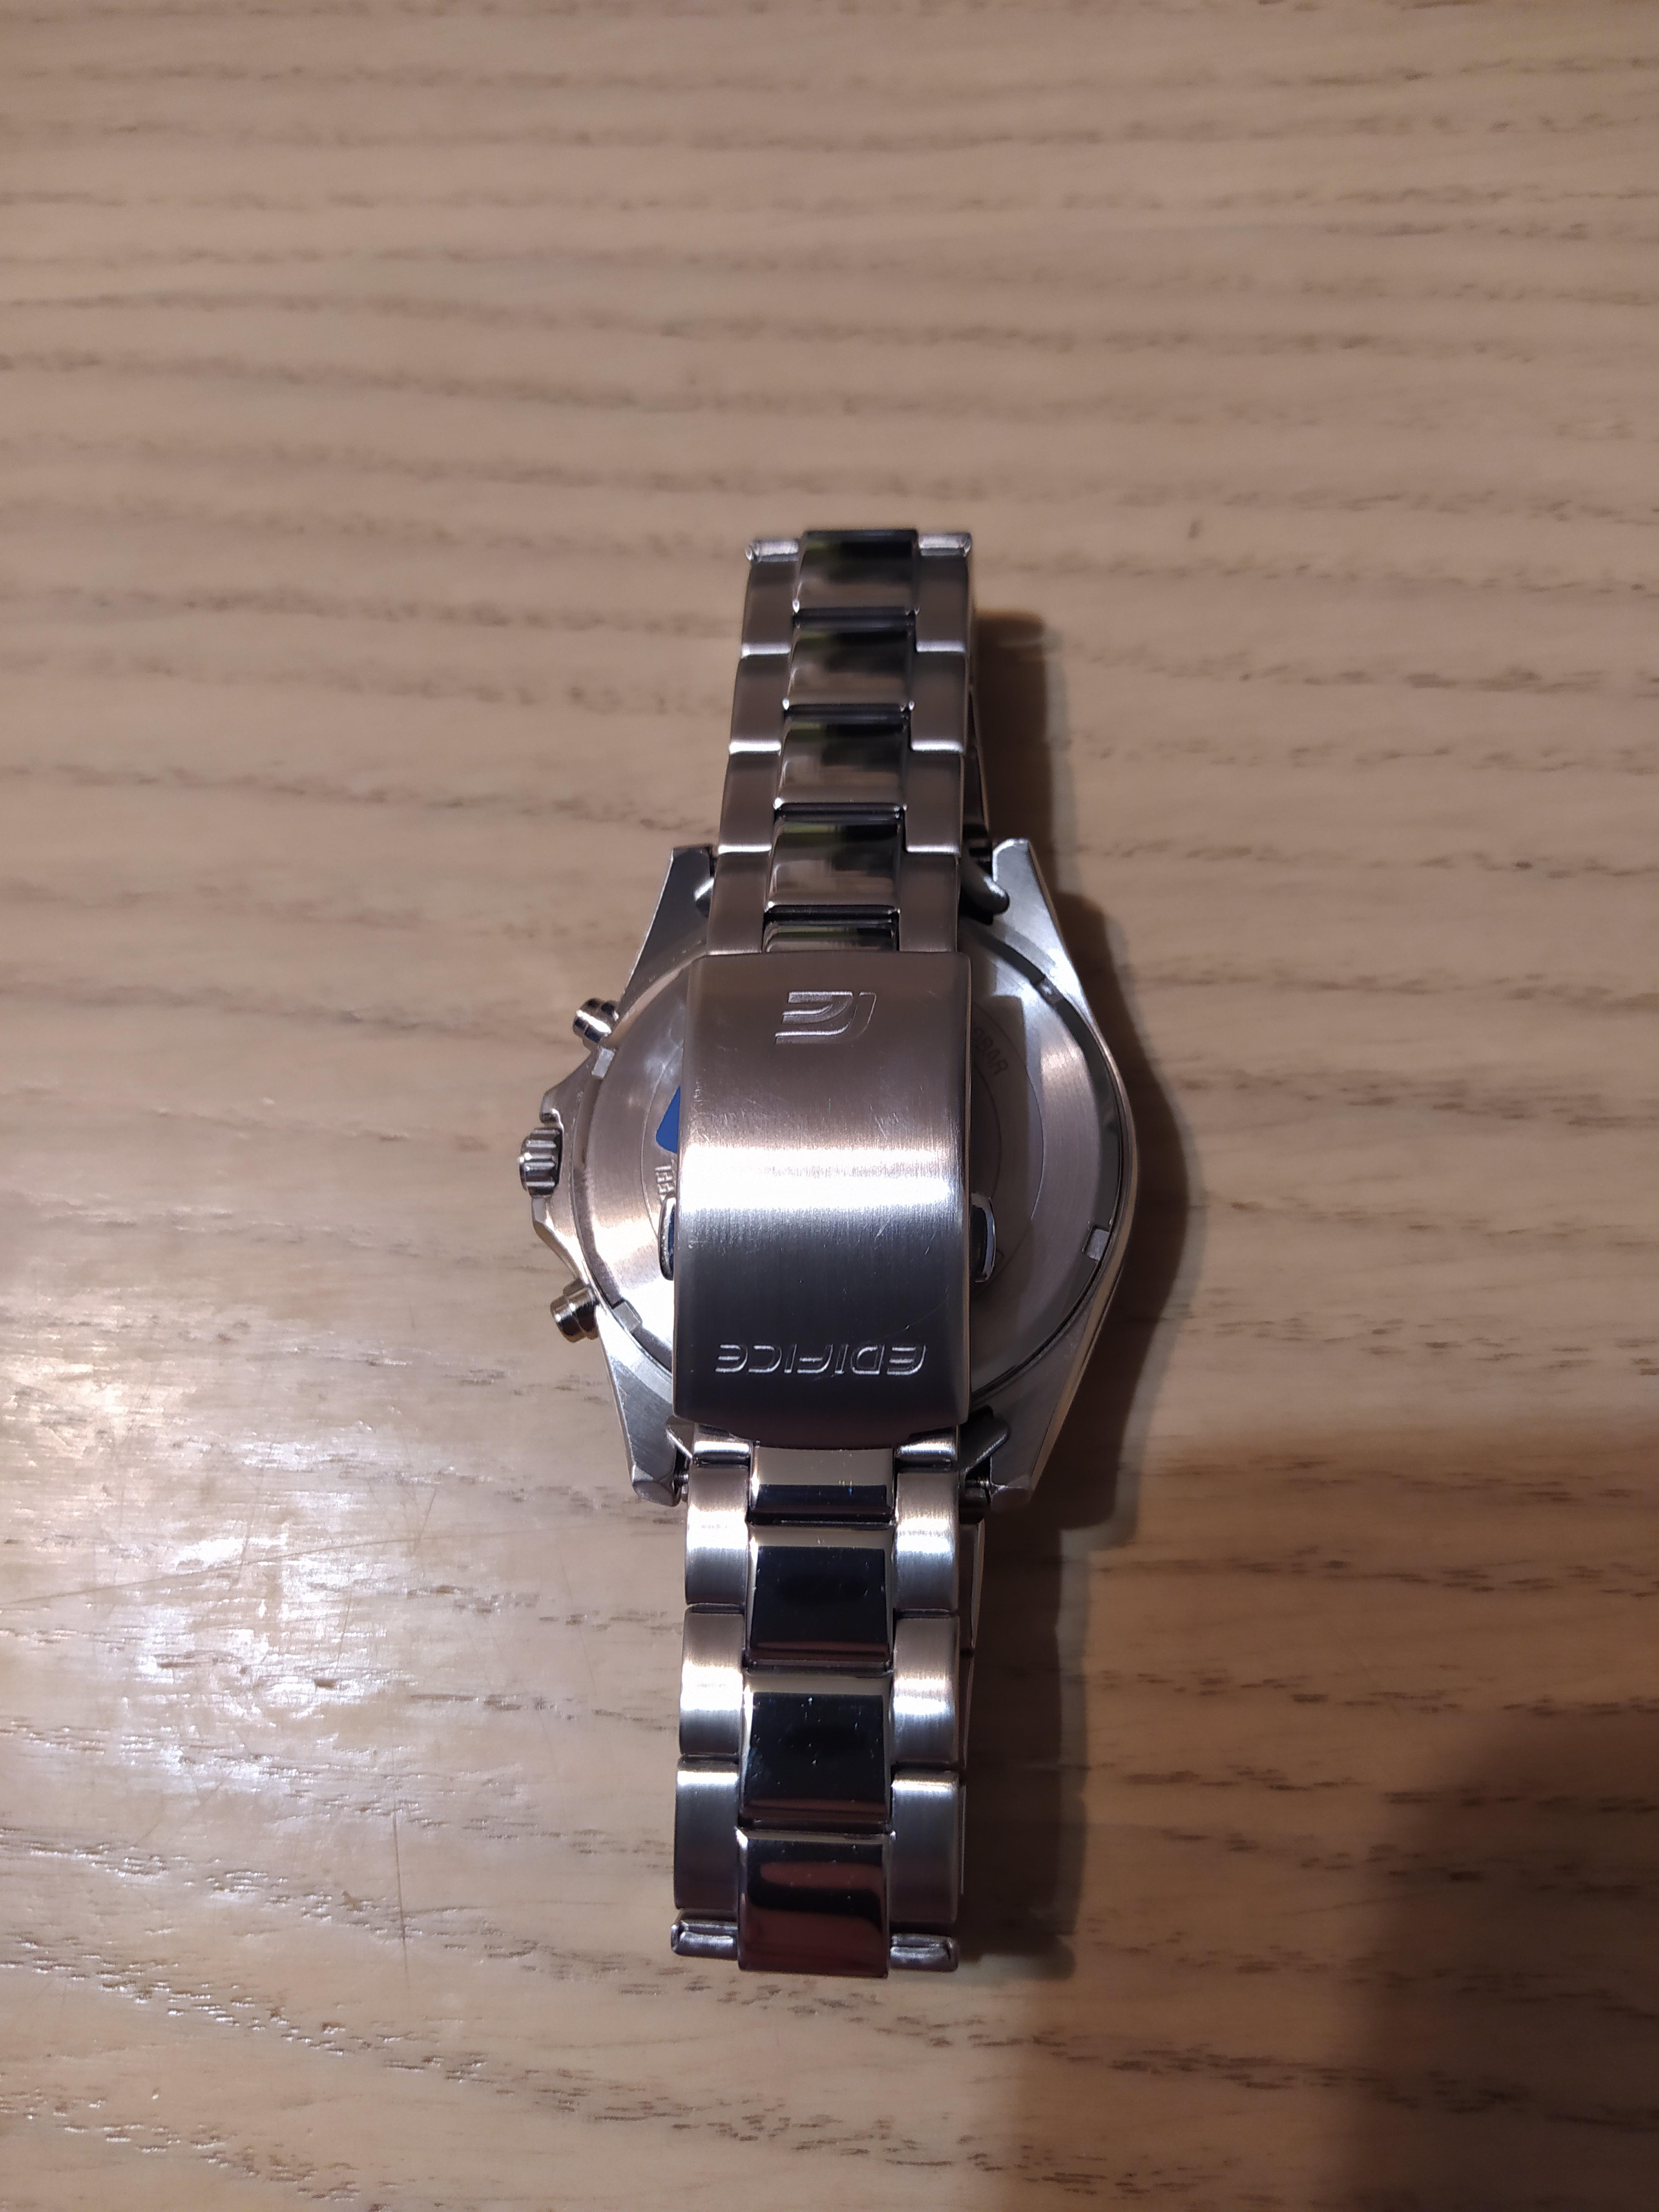 Casio Edifice Efs s520cdb 1bupr Men's Watch à vendre pour